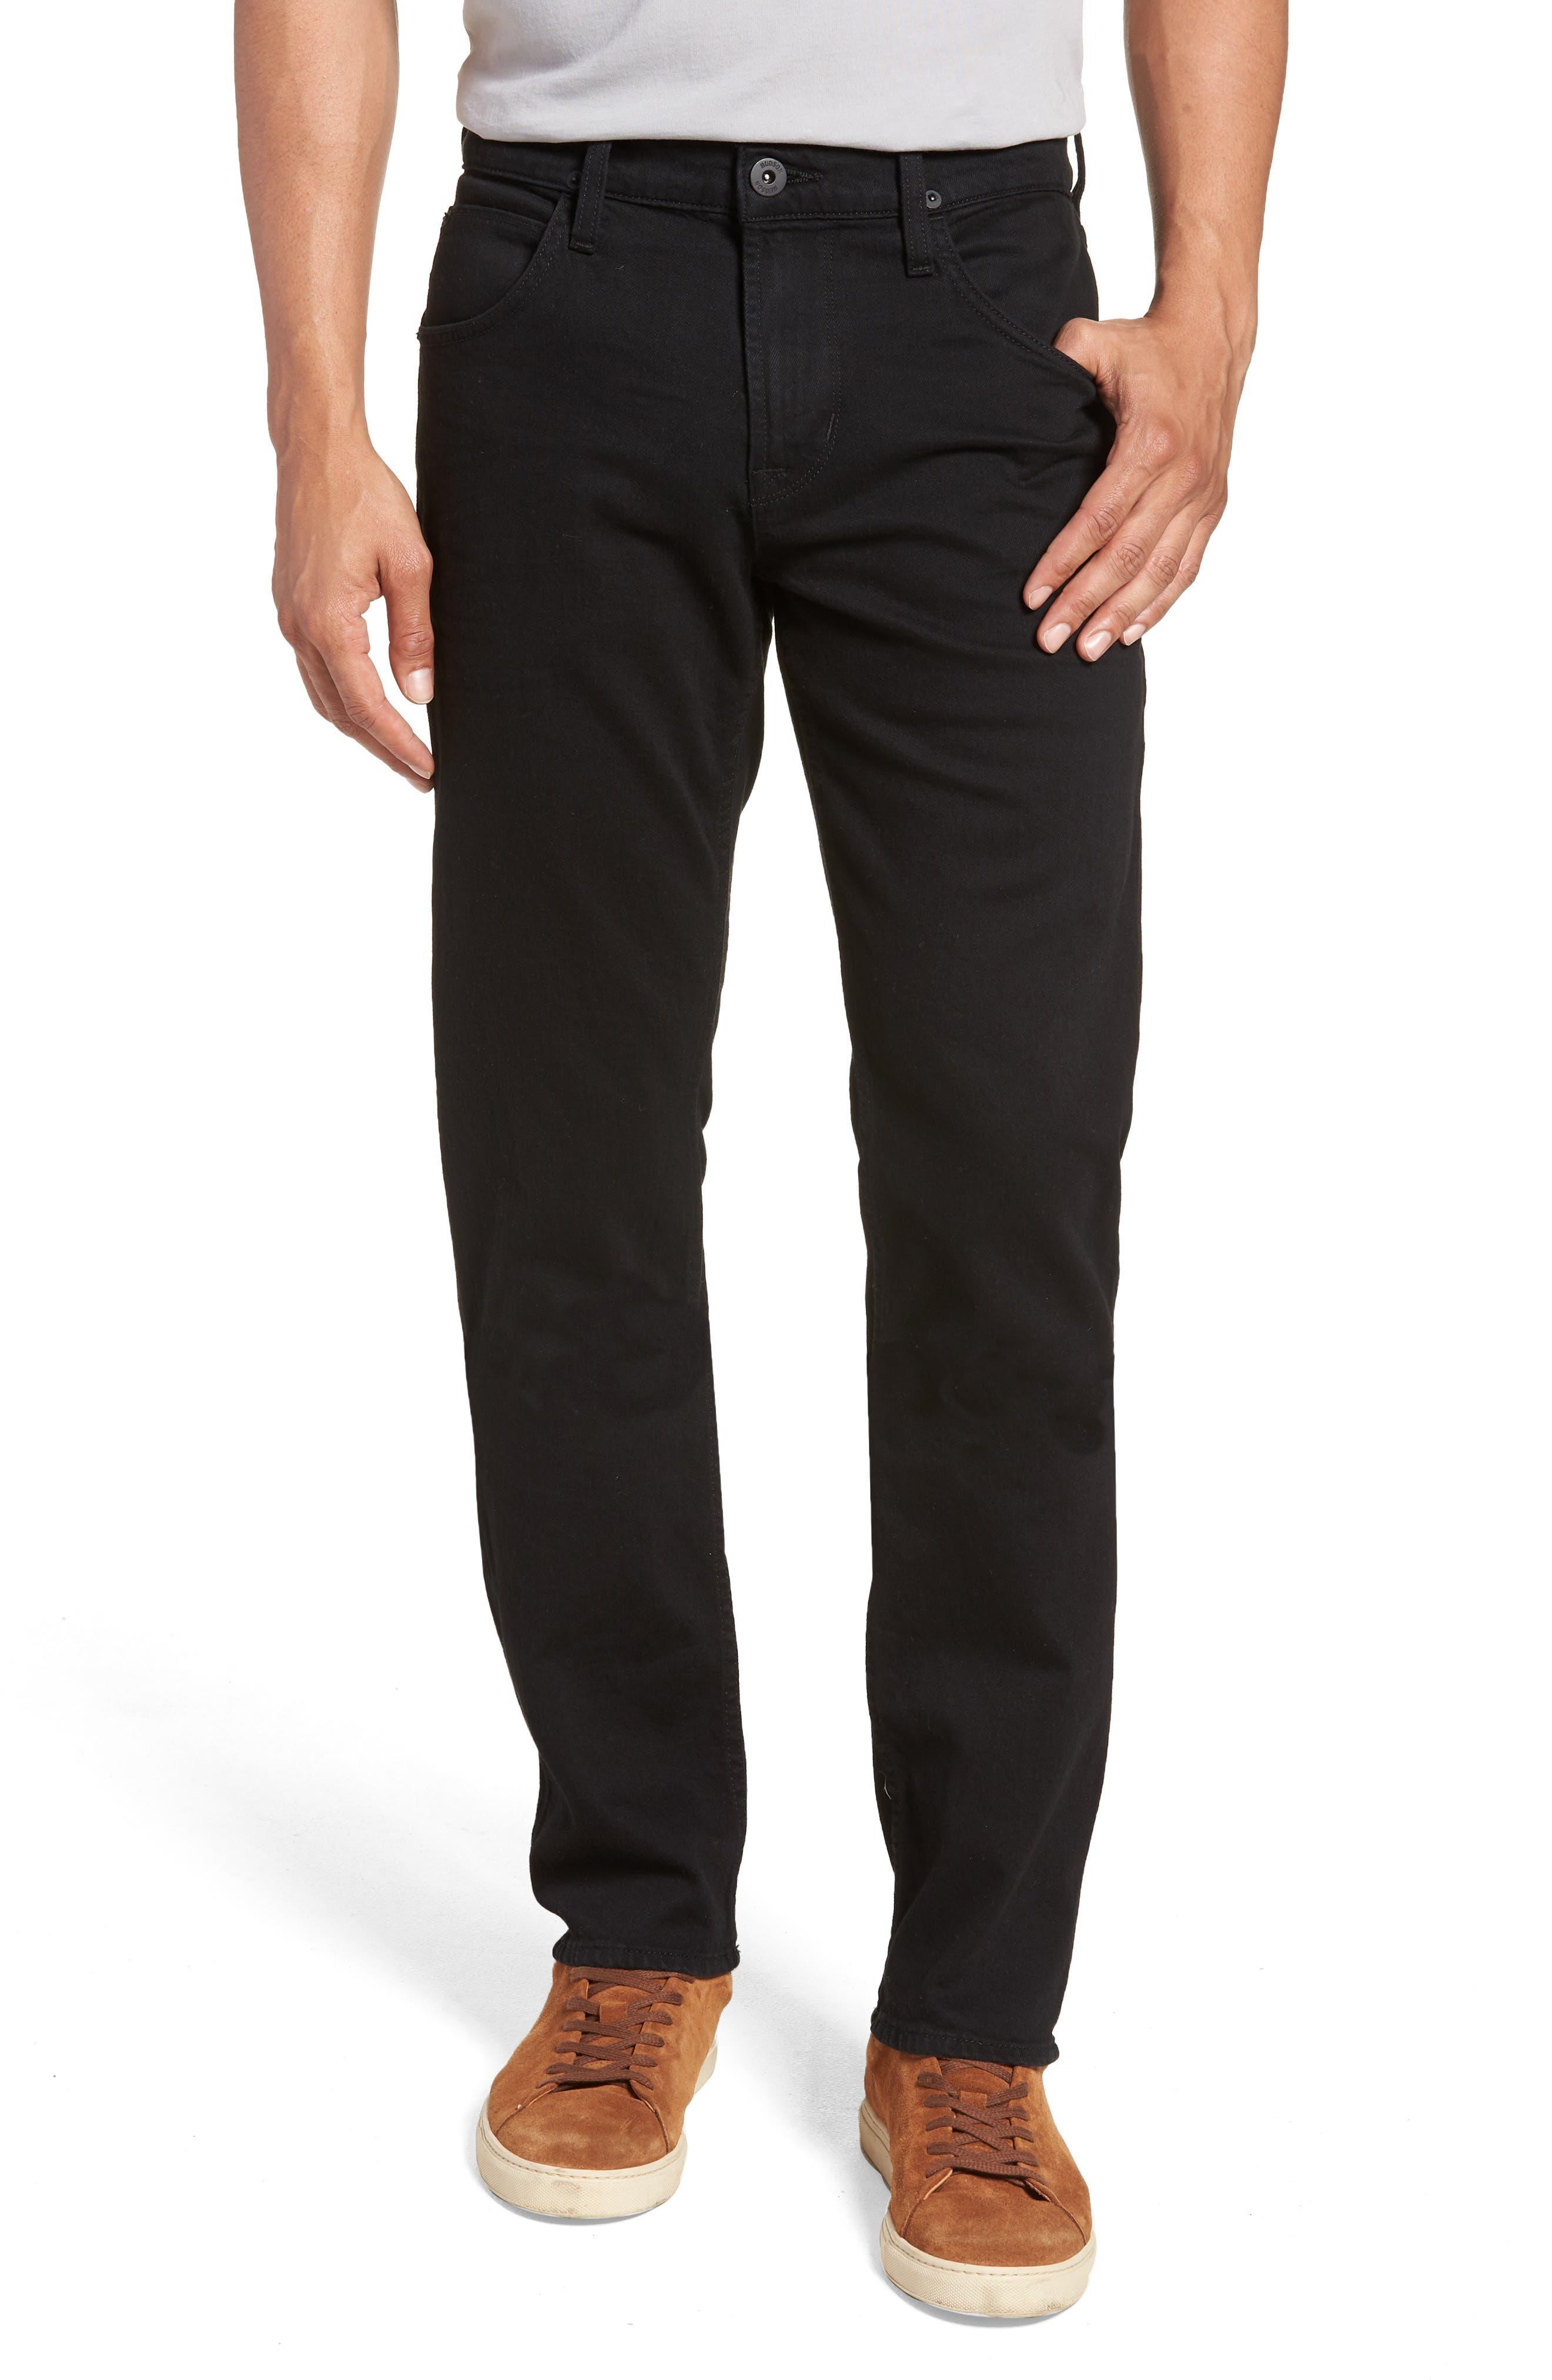 Blake Slim Fit Jeans,                         Main,                         color, Heron